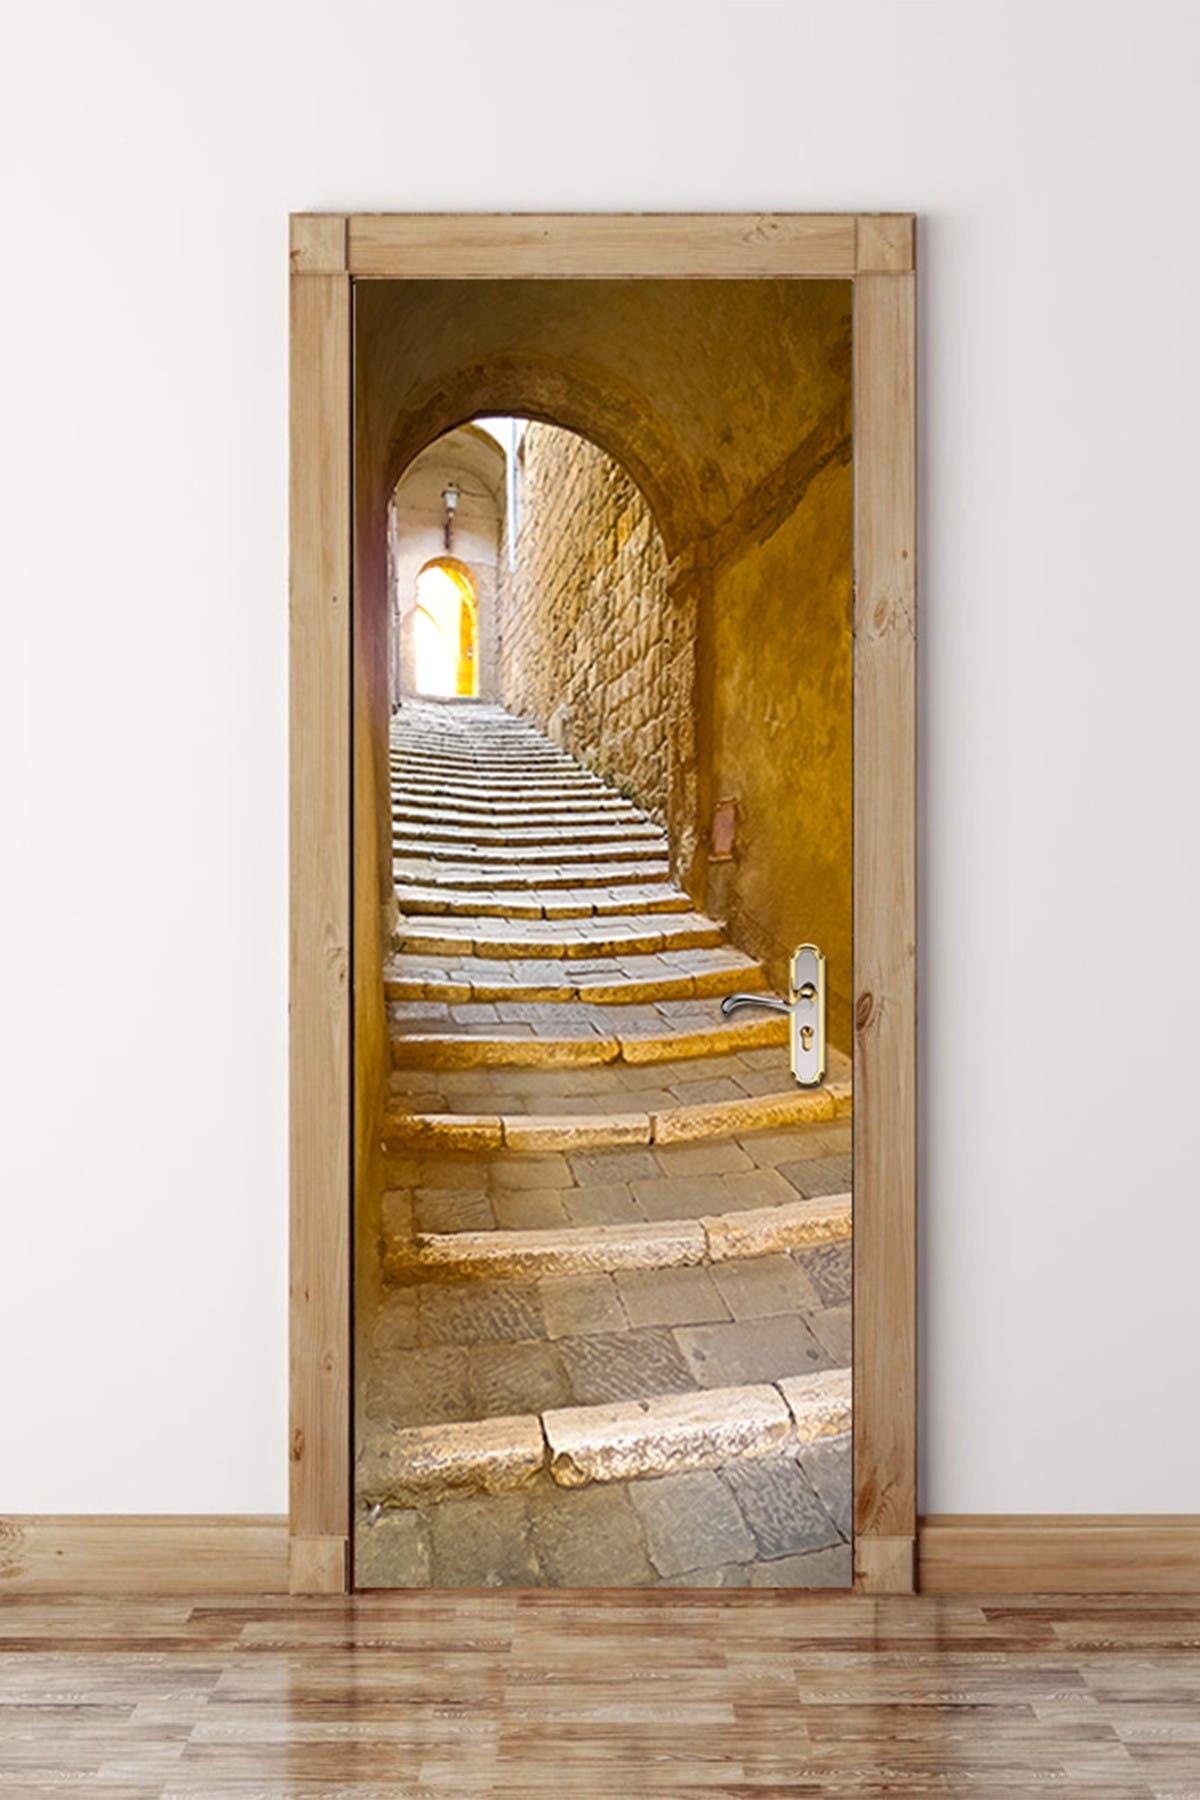 Image of WalPlus Stone Stairway Door Mural Sticker